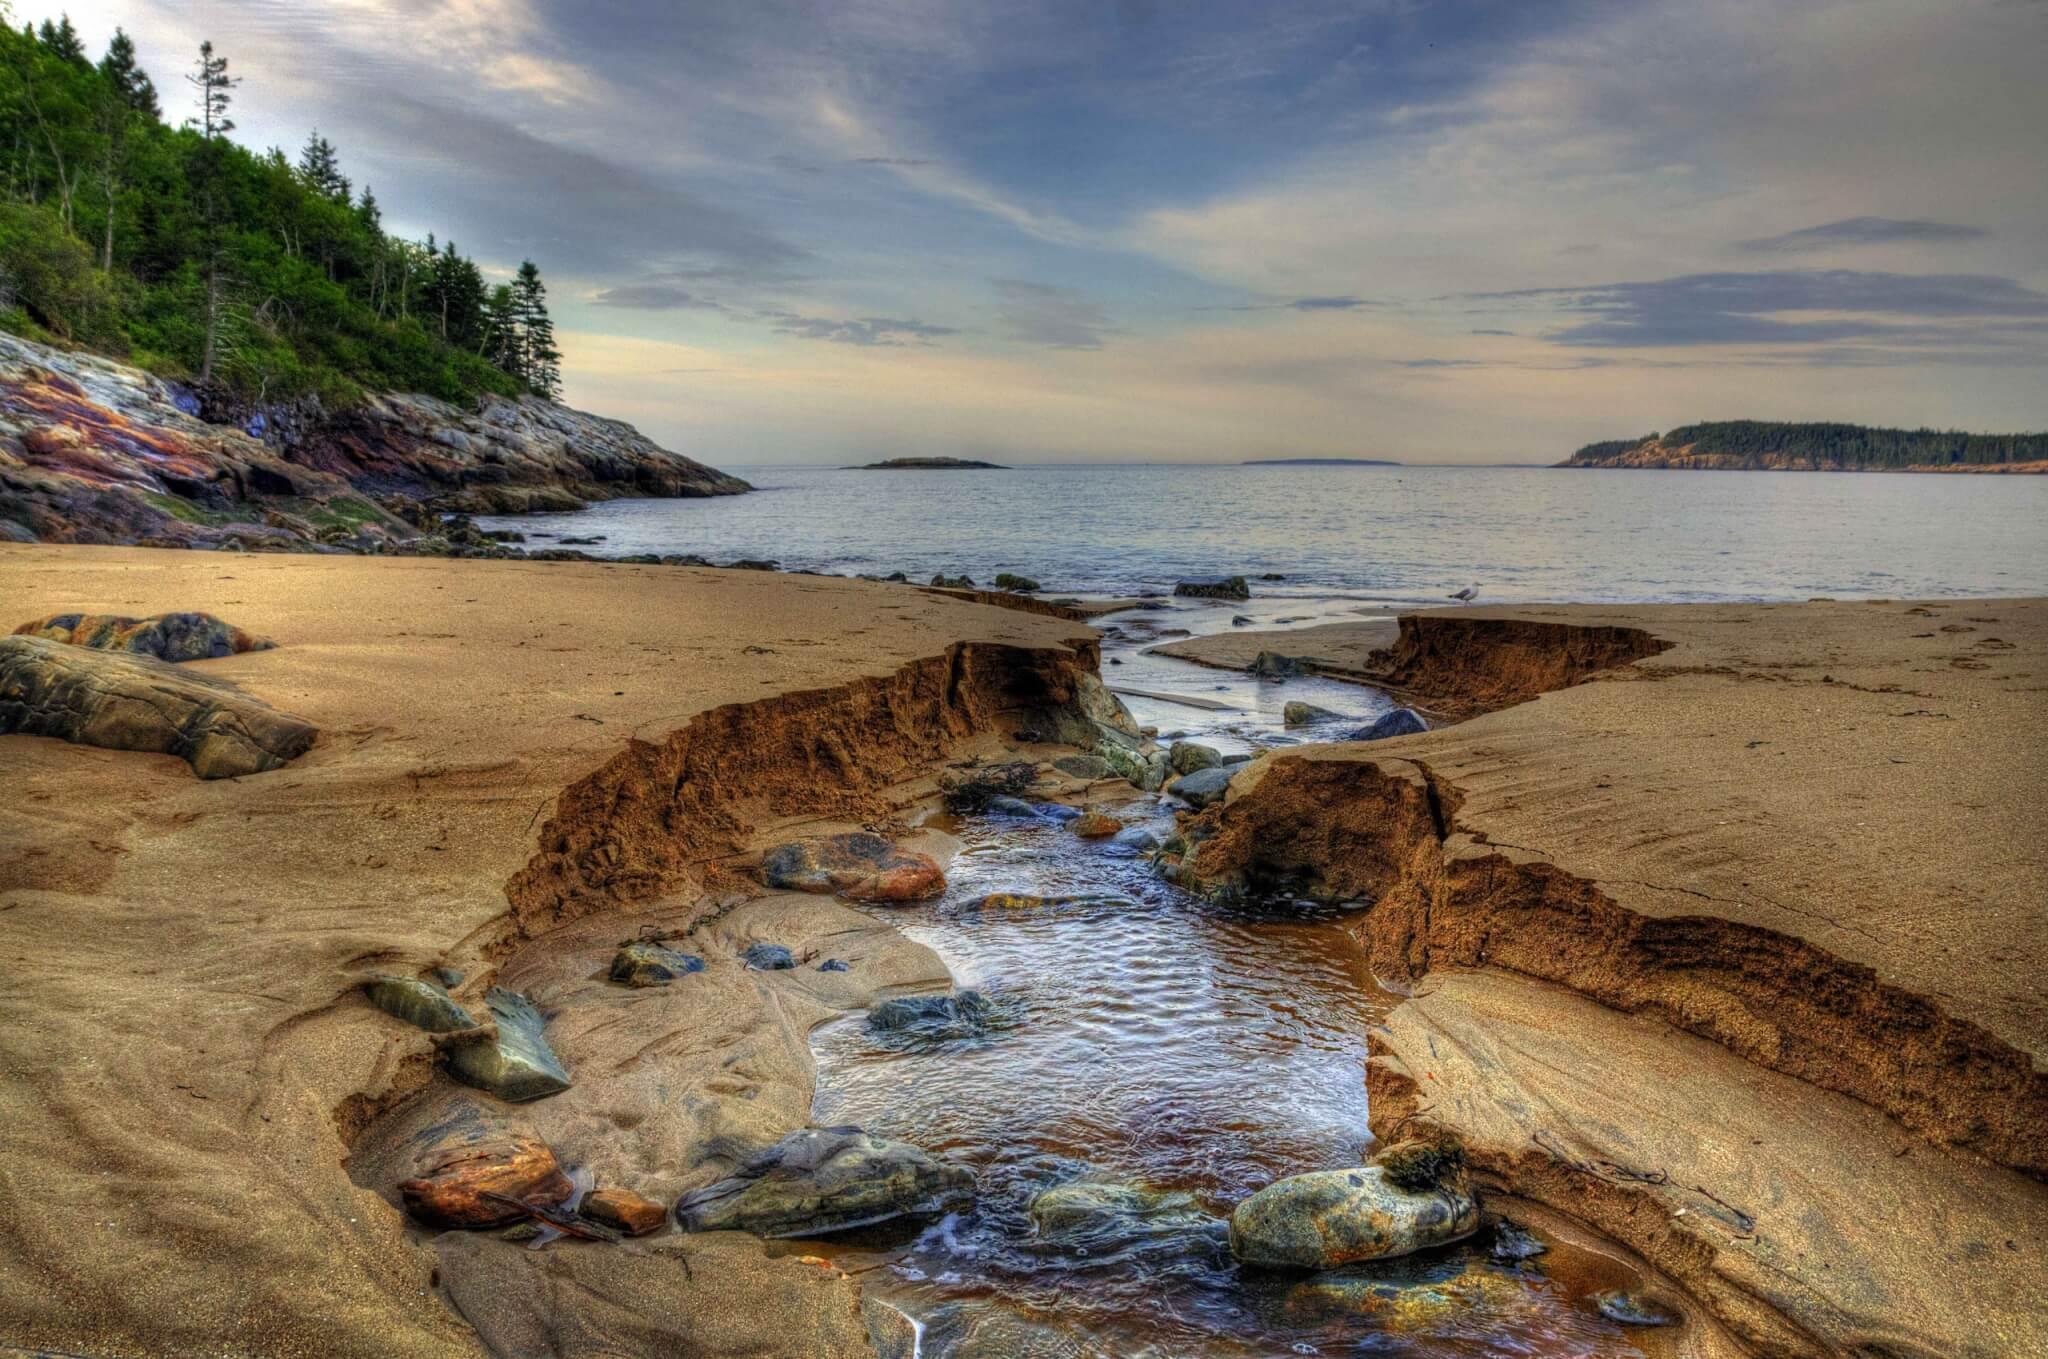 Camping Fever Camping Dreams - Acadia National Park